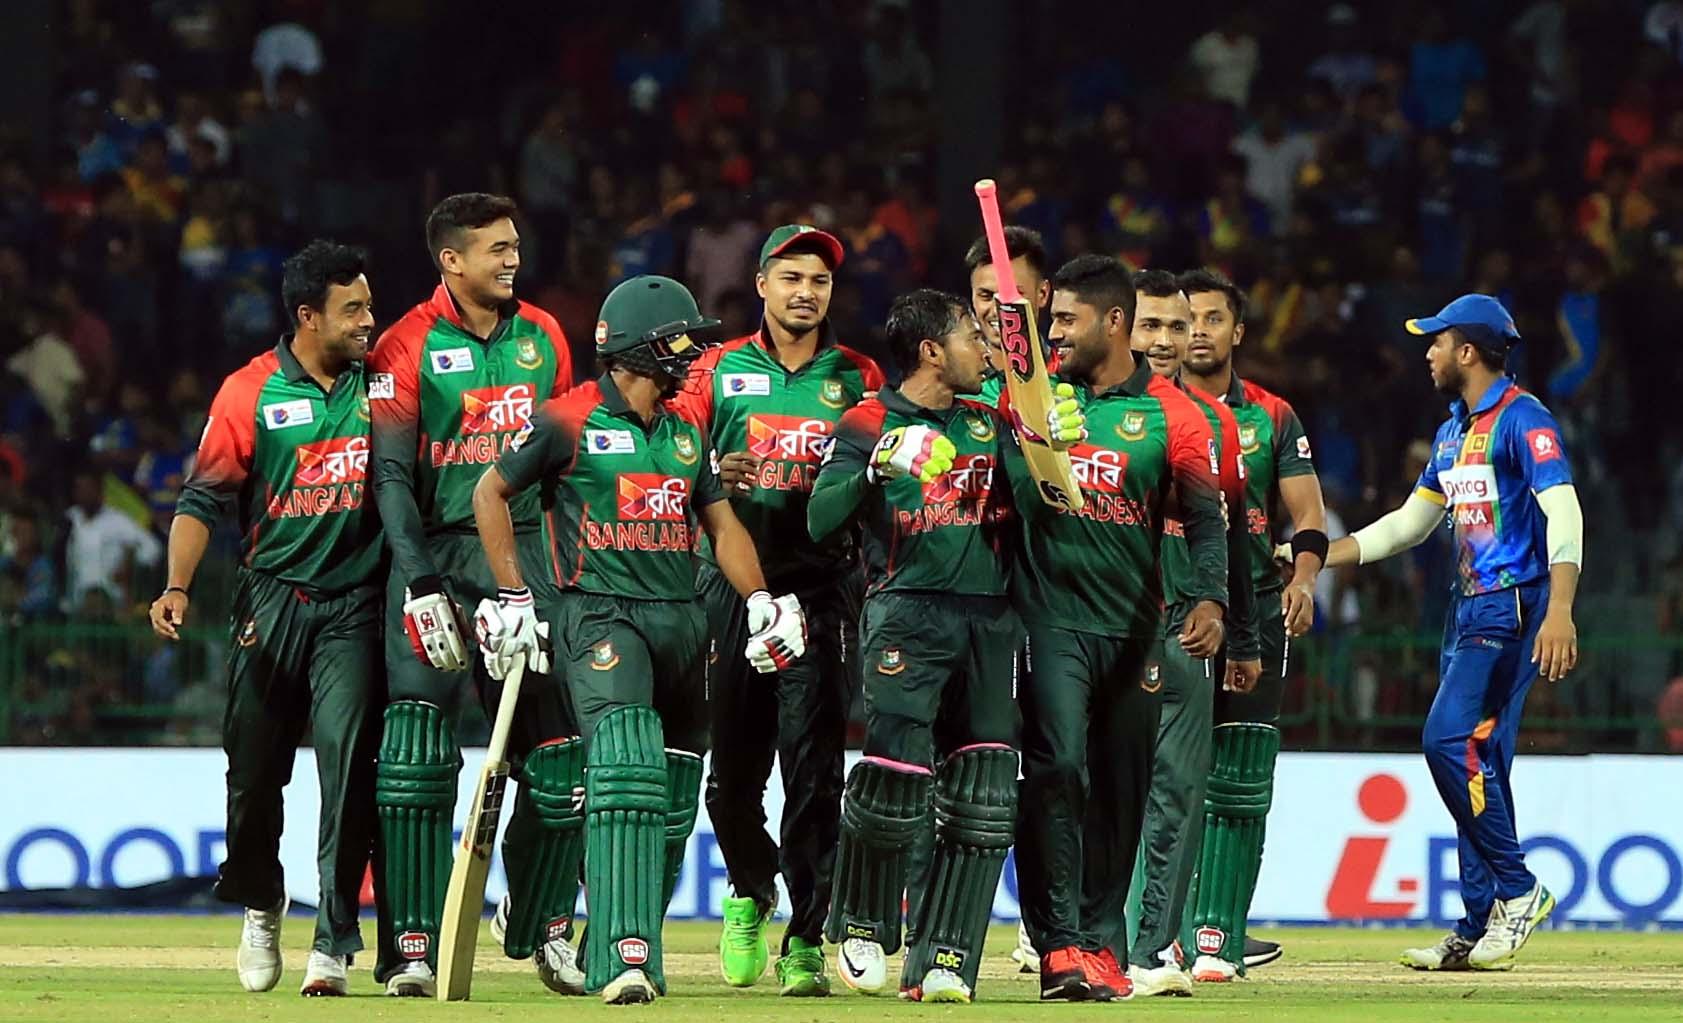 BIG BREAKING: বাংলাদেশ ক্রিকেটে গুরুত্বপূর্ণ ভূমিকায় নিয়োগ করা হলো এই ভারতীয় ক্রিকেটারকে 7